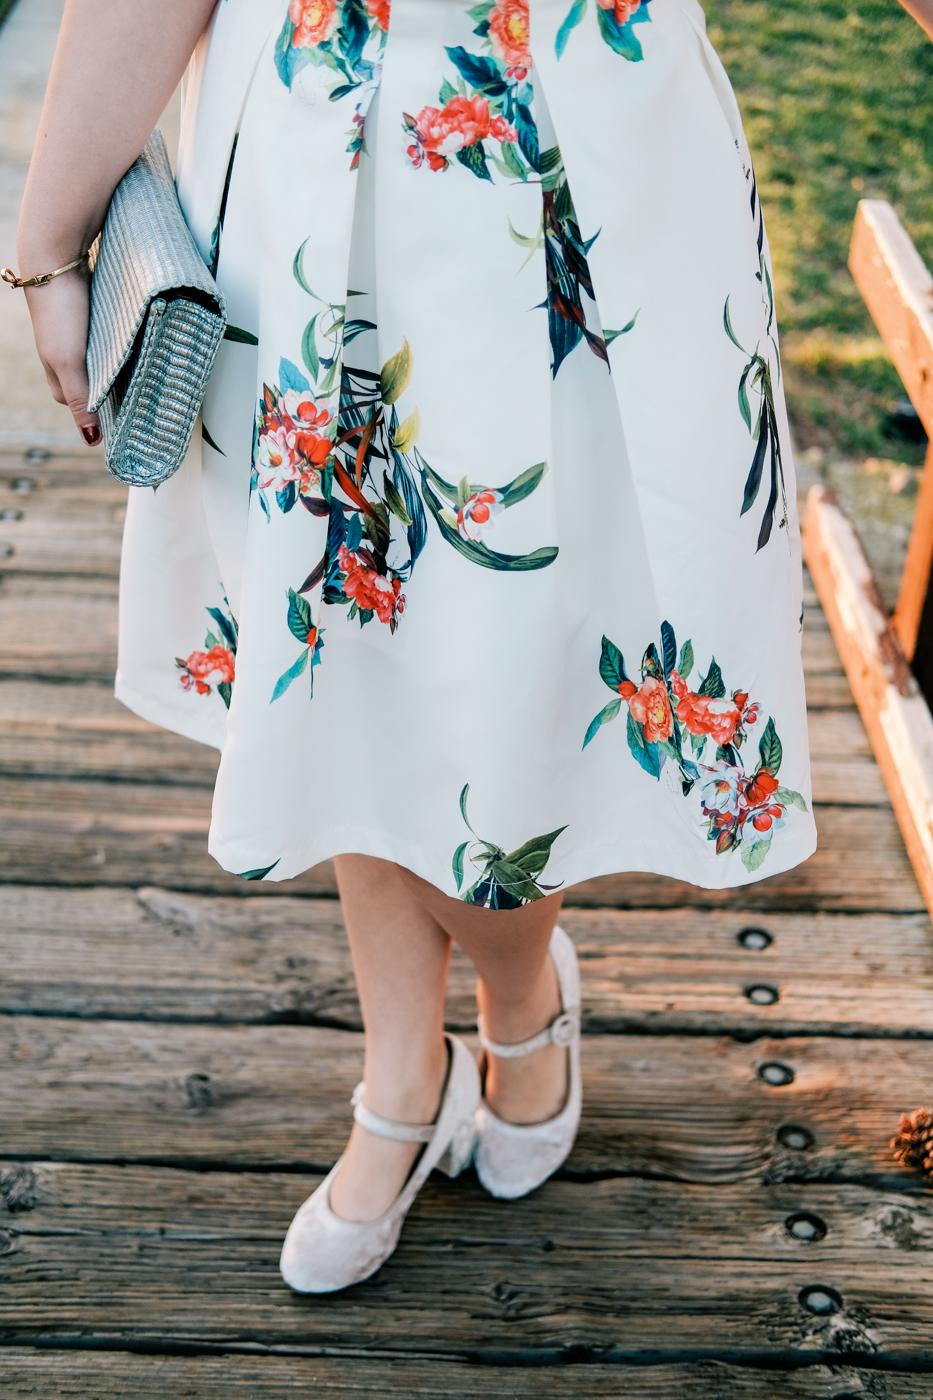 Debora Dahl, saia rodada florida, sapato de veludo